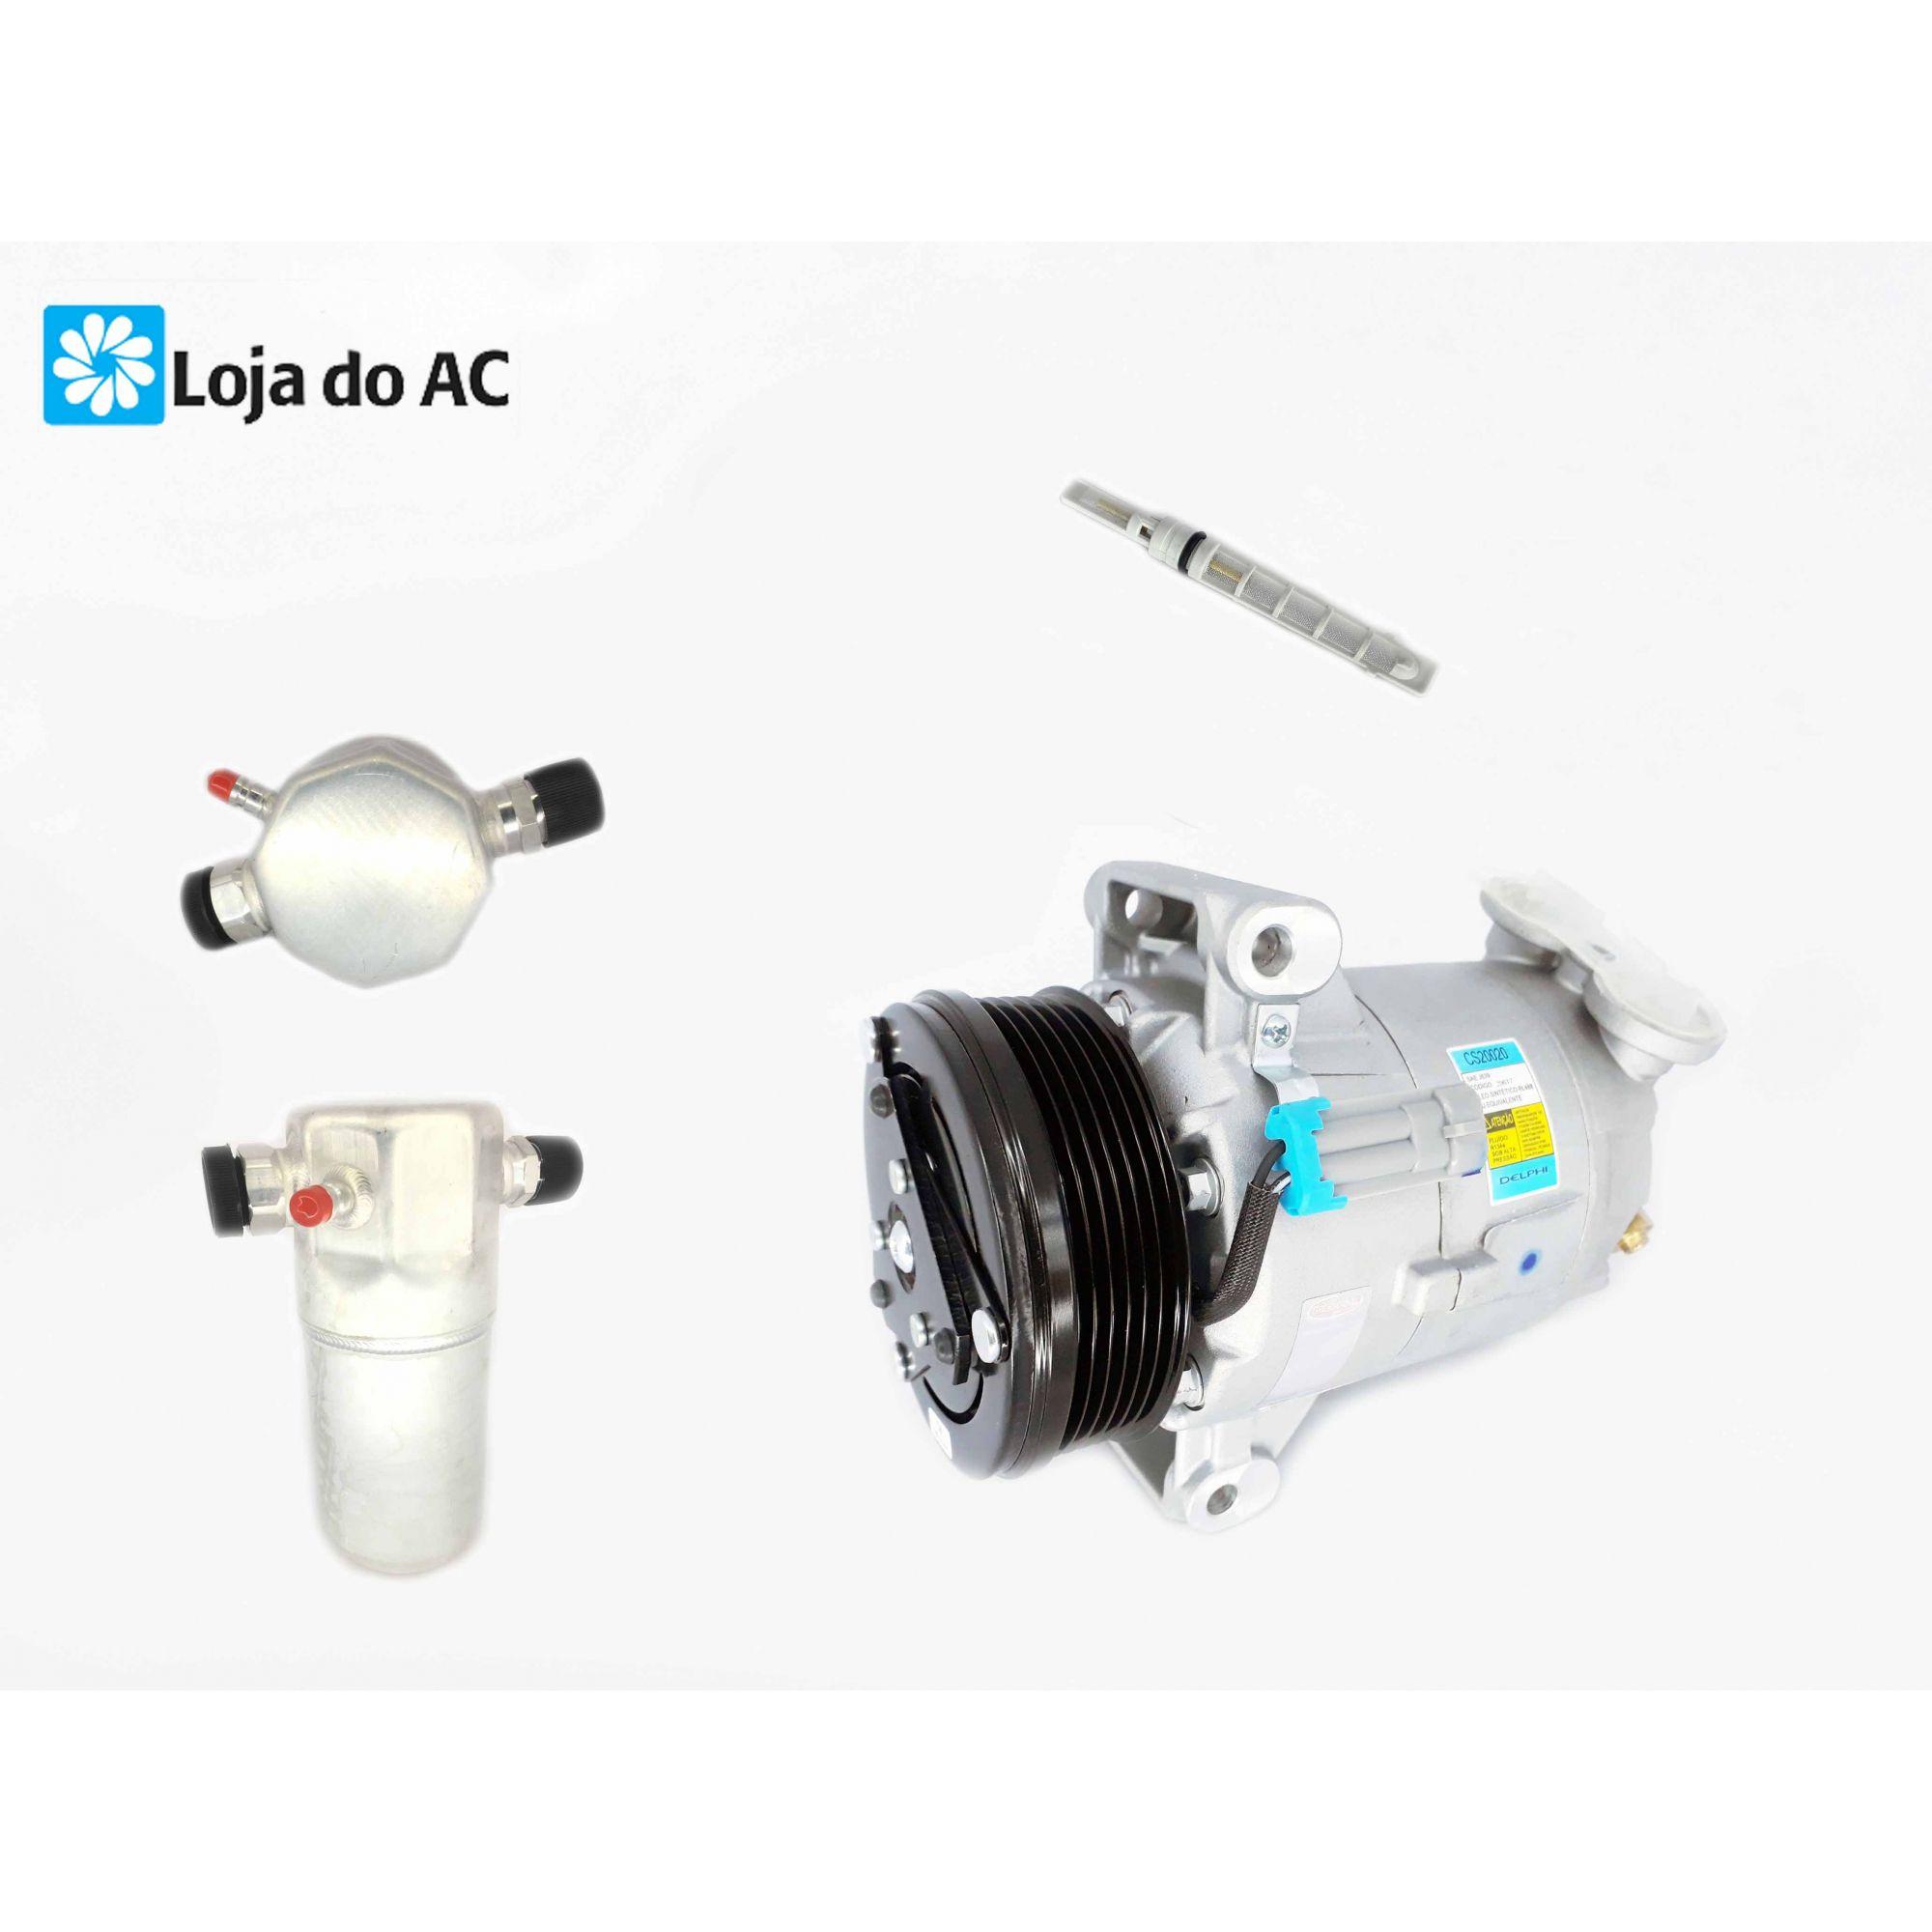 Compressor S10 2.4 / 2.8 - Original Delphi + Filtro Secador E Brinde